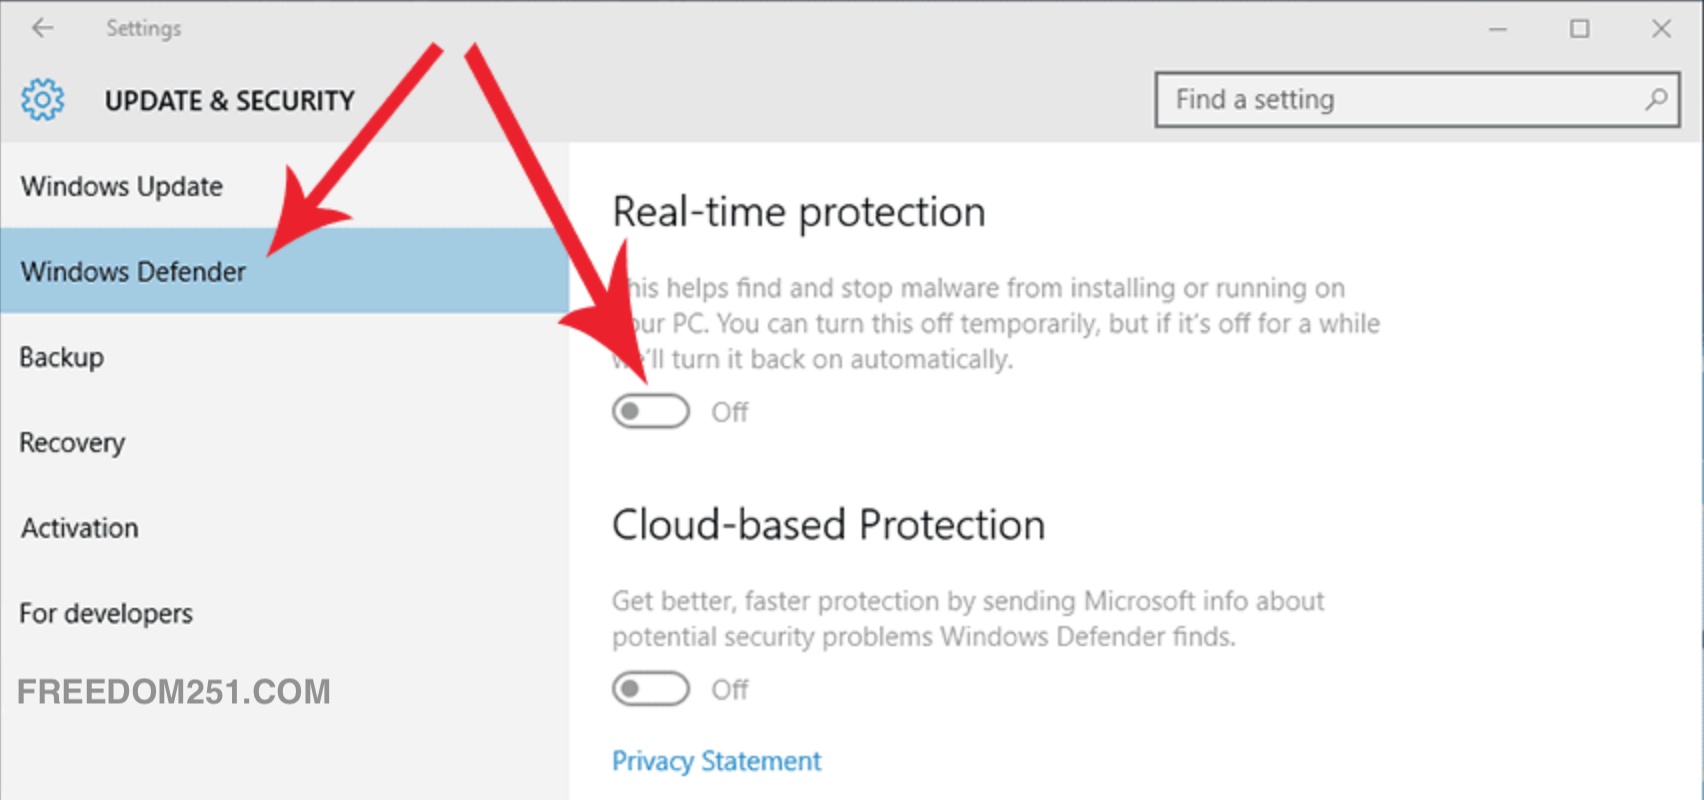 Desactivar la protección en tiempo real de Windows 10